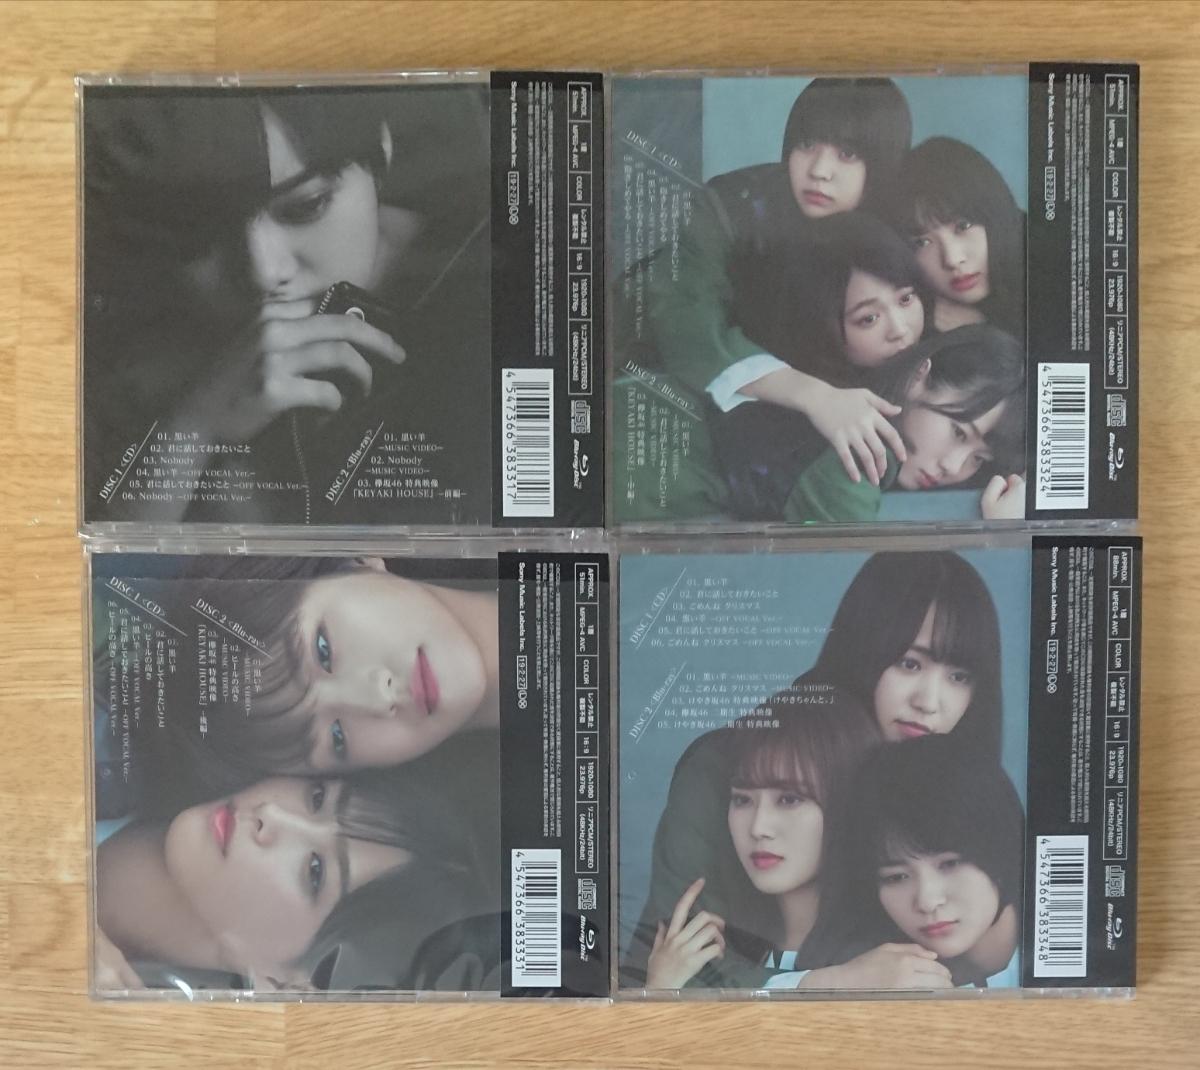 〈送料無料〉 欅坂46 8thシングル 『黒い羊』【初回仕様限定】 TYPE-ABCD[CD+Blu-ray]盤_画像2